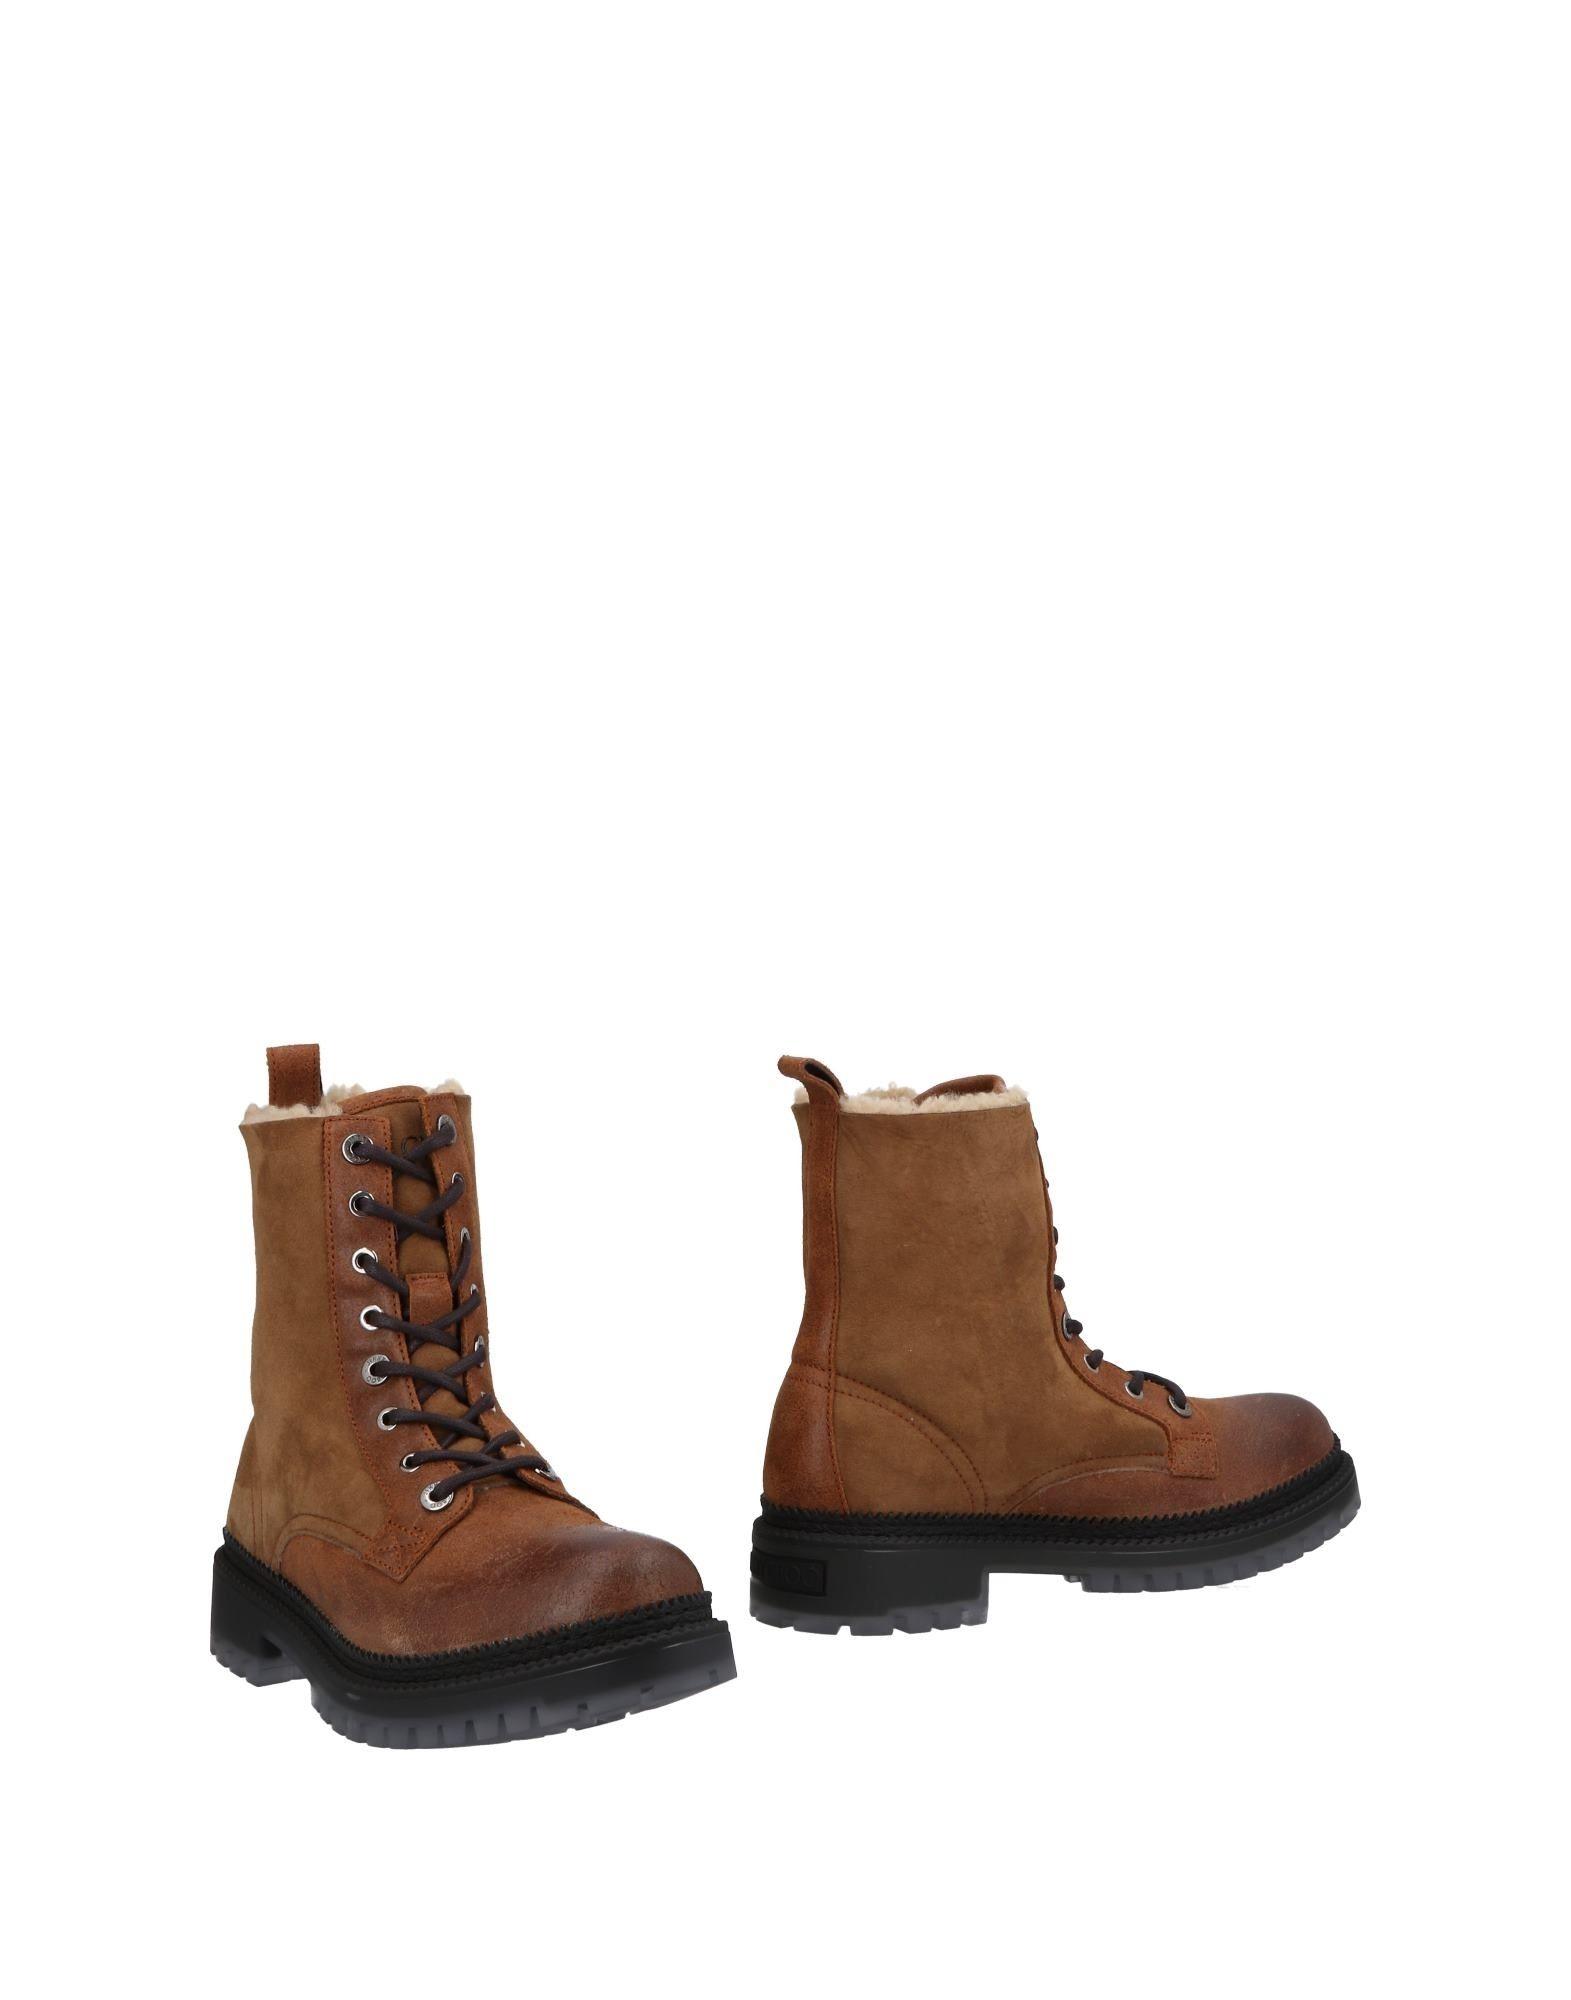 Jimmy Choo Stiefelette Herren  11489327MQ Gute Qualität beliebte Schuhe